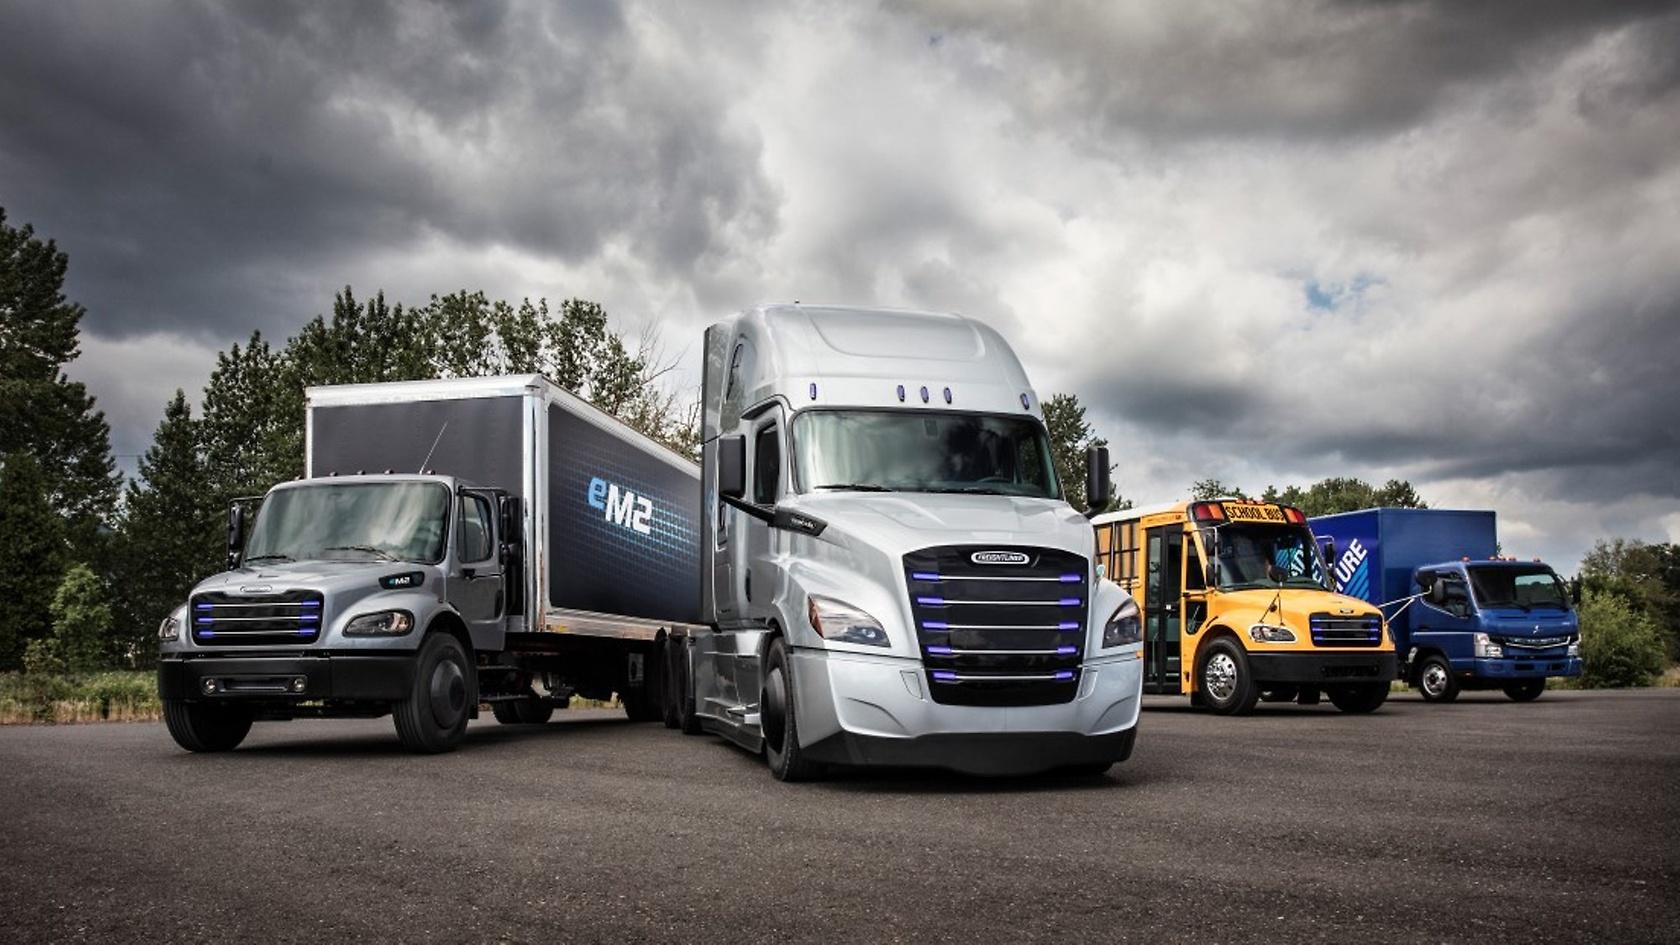 E trucks 3